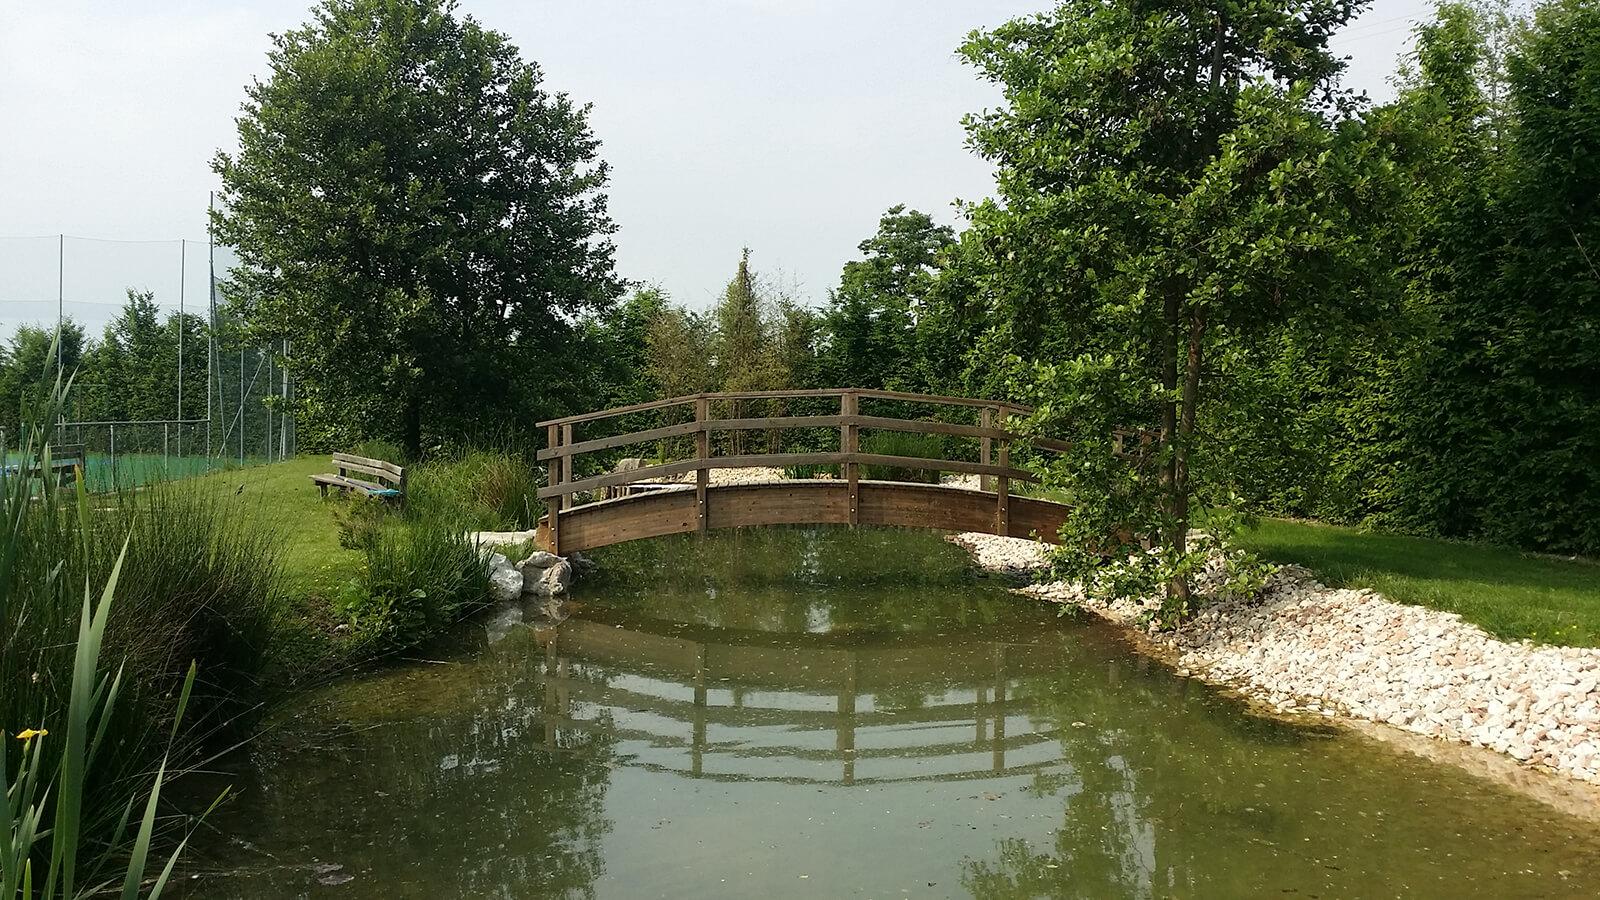 progettazione realizzazione giardini monticello conte otto - verde blu giardini 10